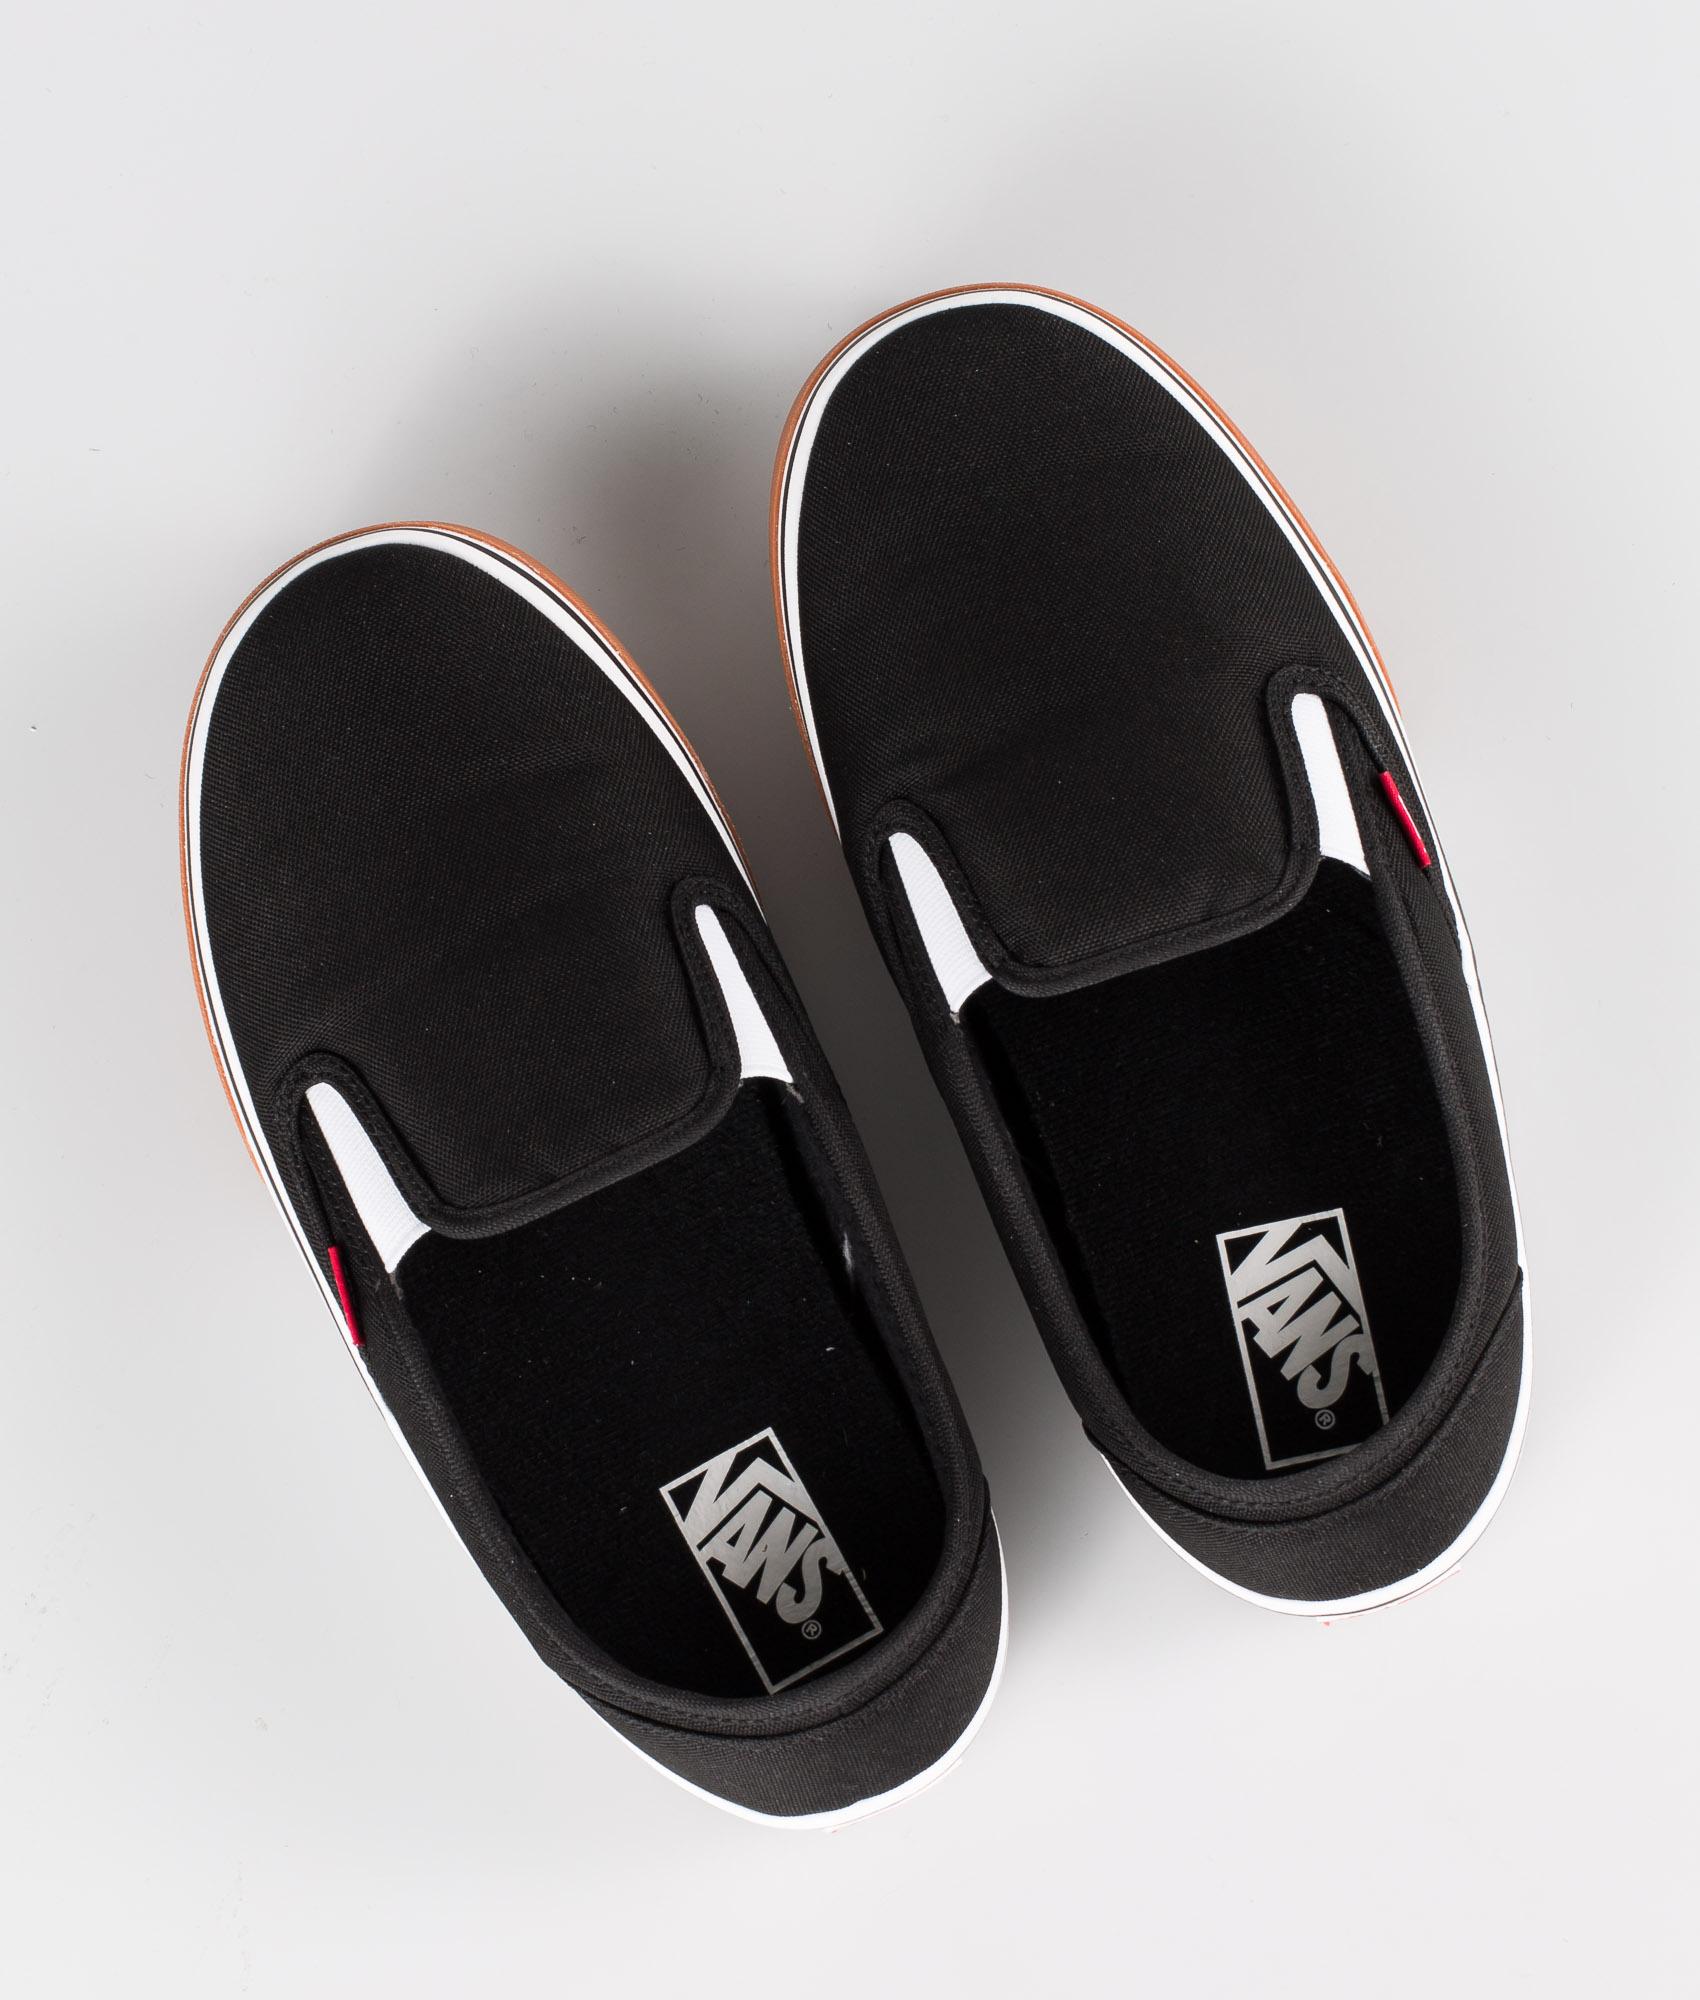 Vans Snow Lodge Slipper MTE Shoes Black